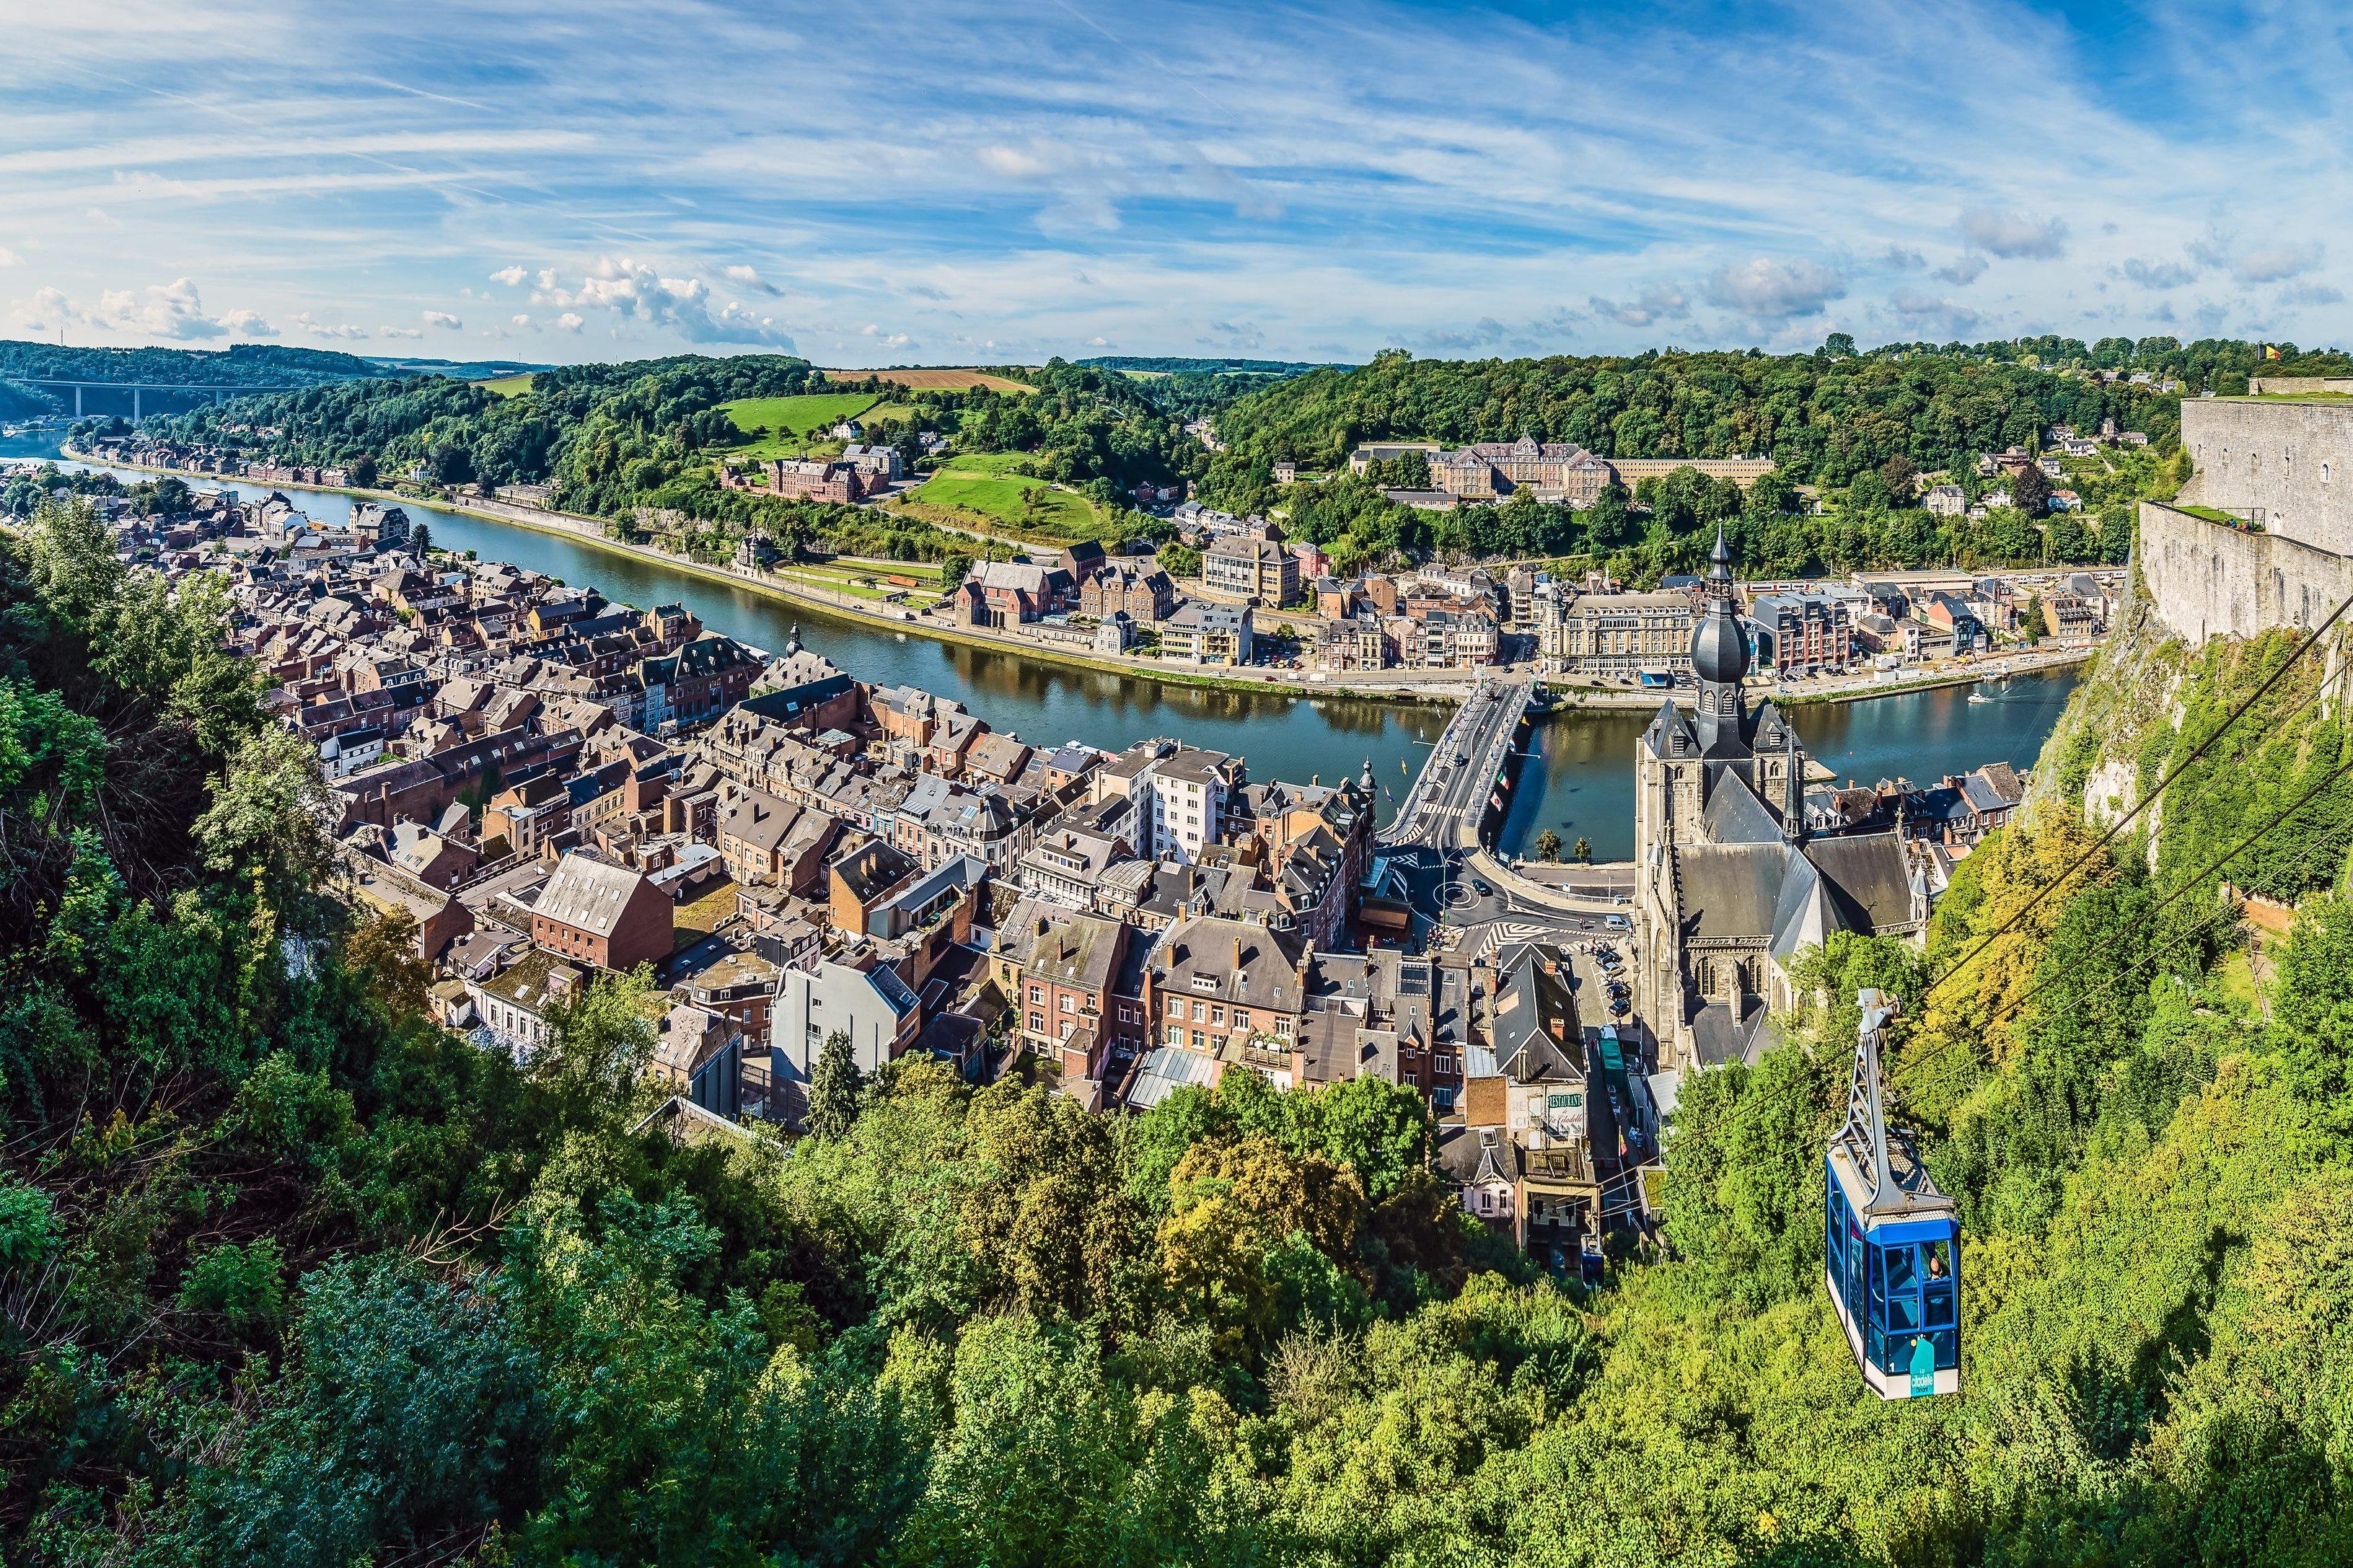 Panaroma foto over het plaatsje Dinant in de Ardennen